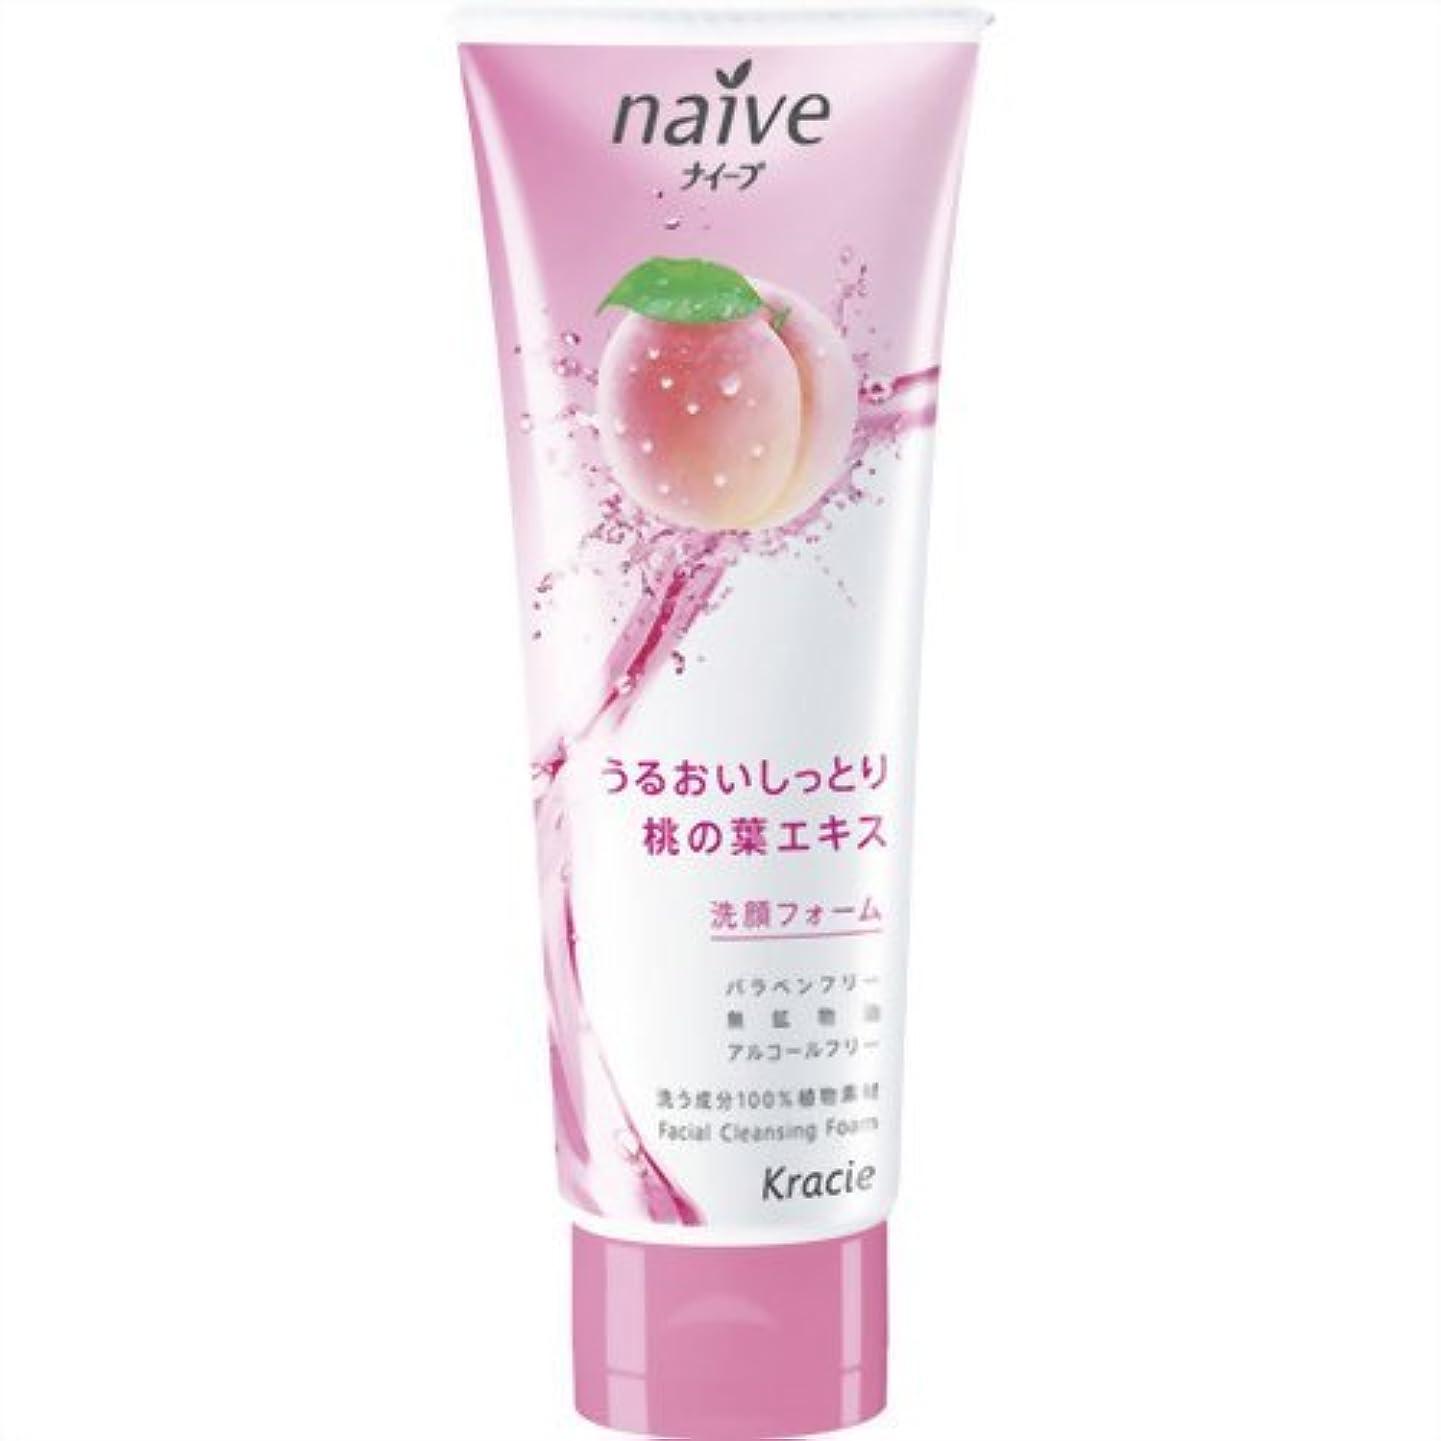 ナイーブ 洗顔フォーム (桃の葉エキス配合) 110g